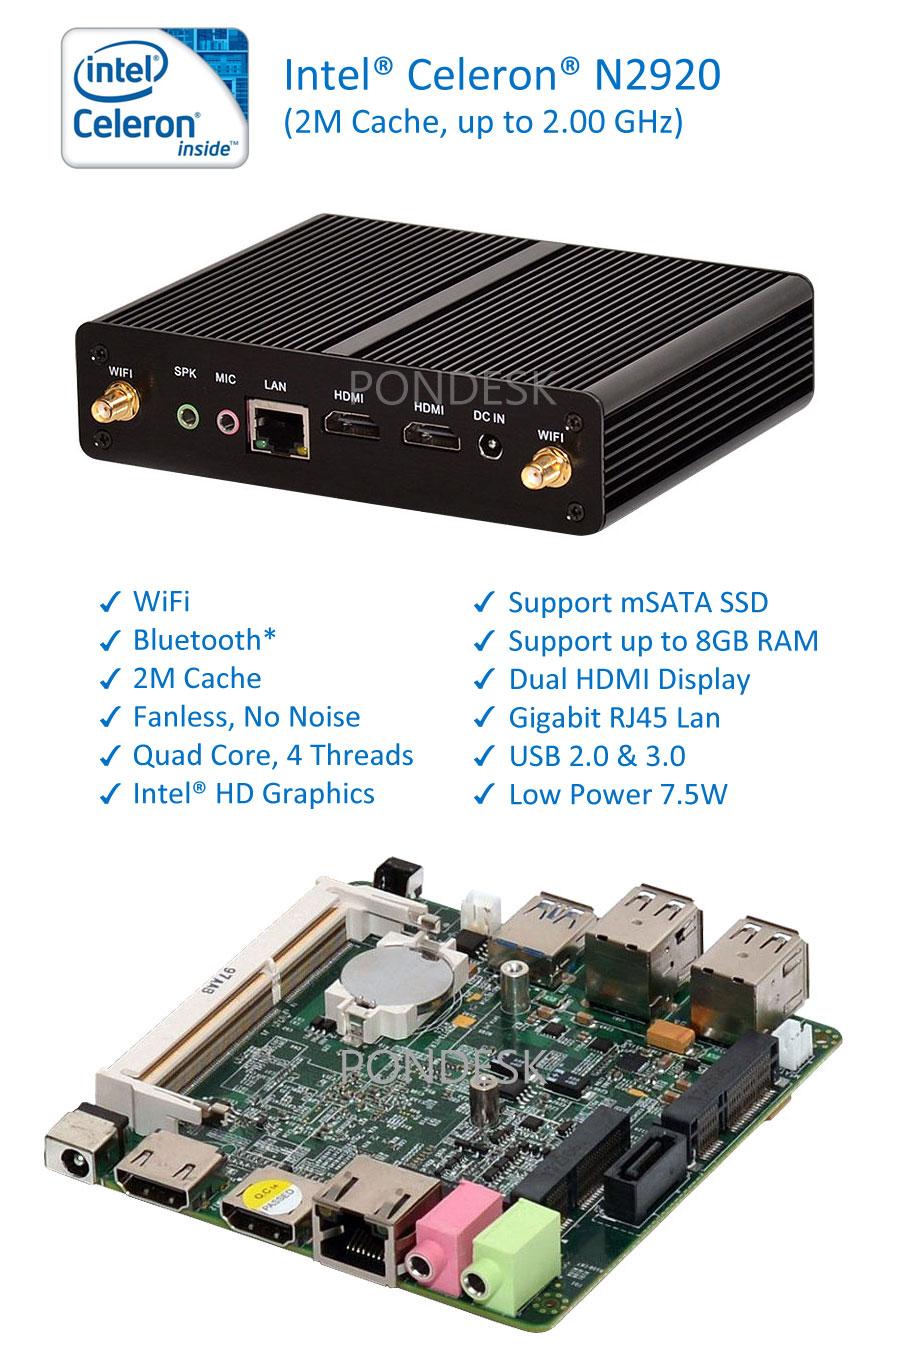 Intel Celeron N2920 Quad Core 2GHz WiFi HDMI Fanless Mini PC - MNHO-001   Image